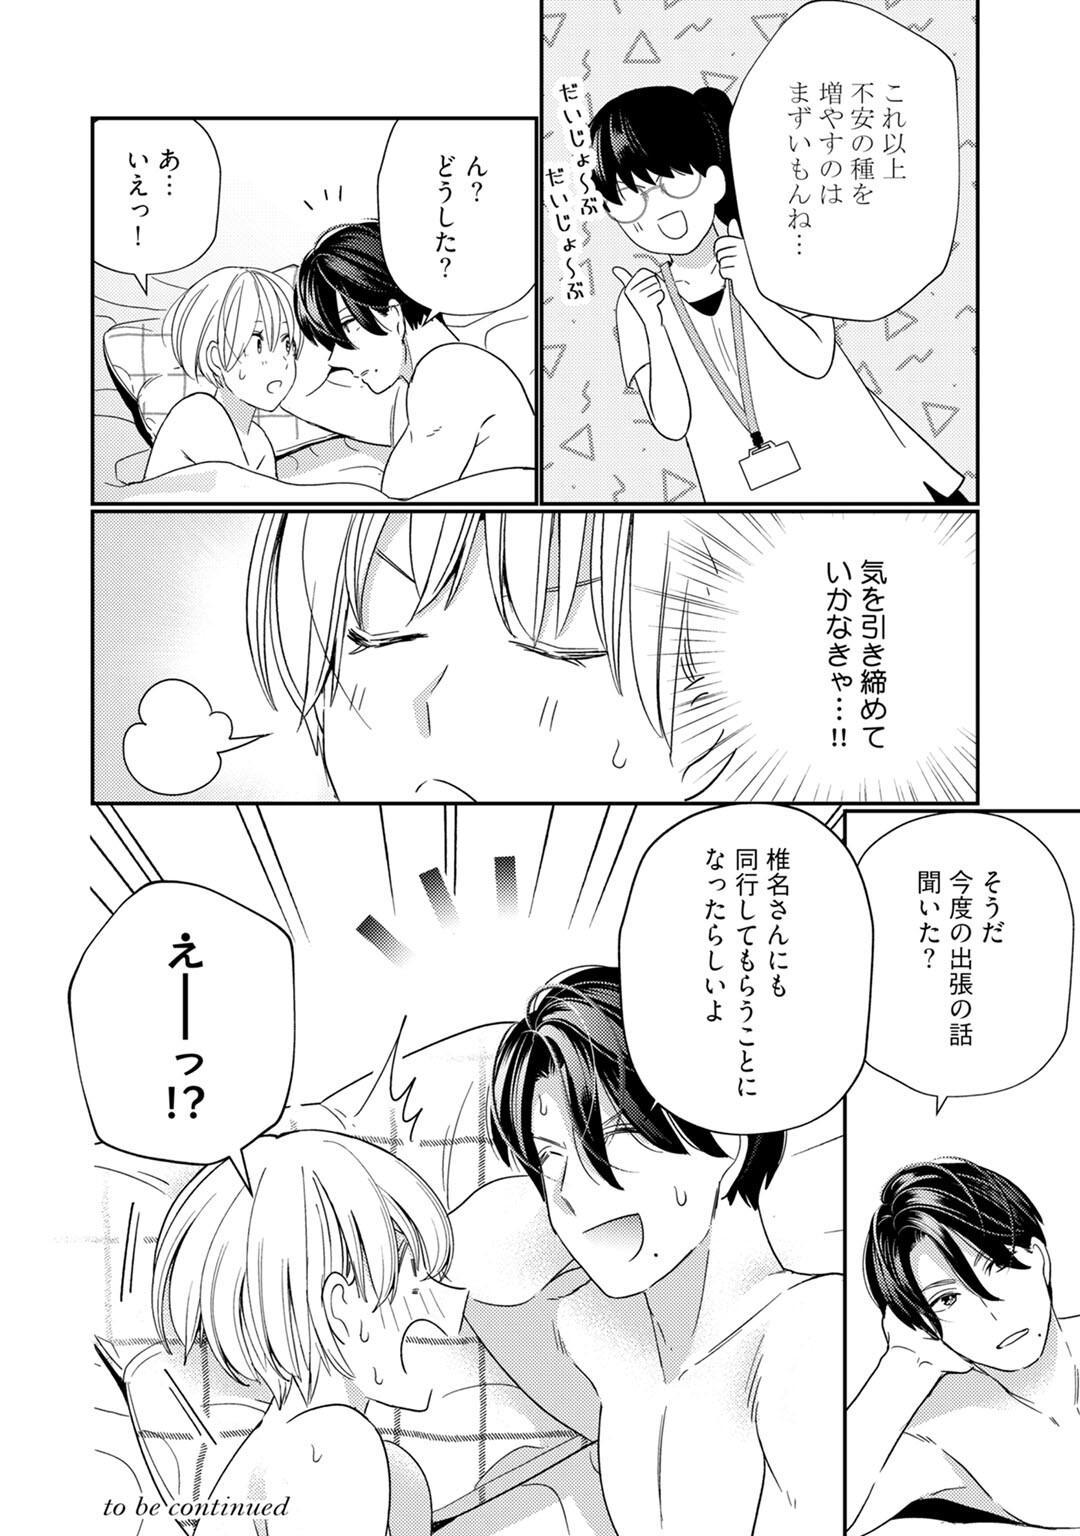 [Okonogi Happa] Kyonyuu-chan to Kyokon Joushi -Kaisha de Musabori Sex- act. 7 33